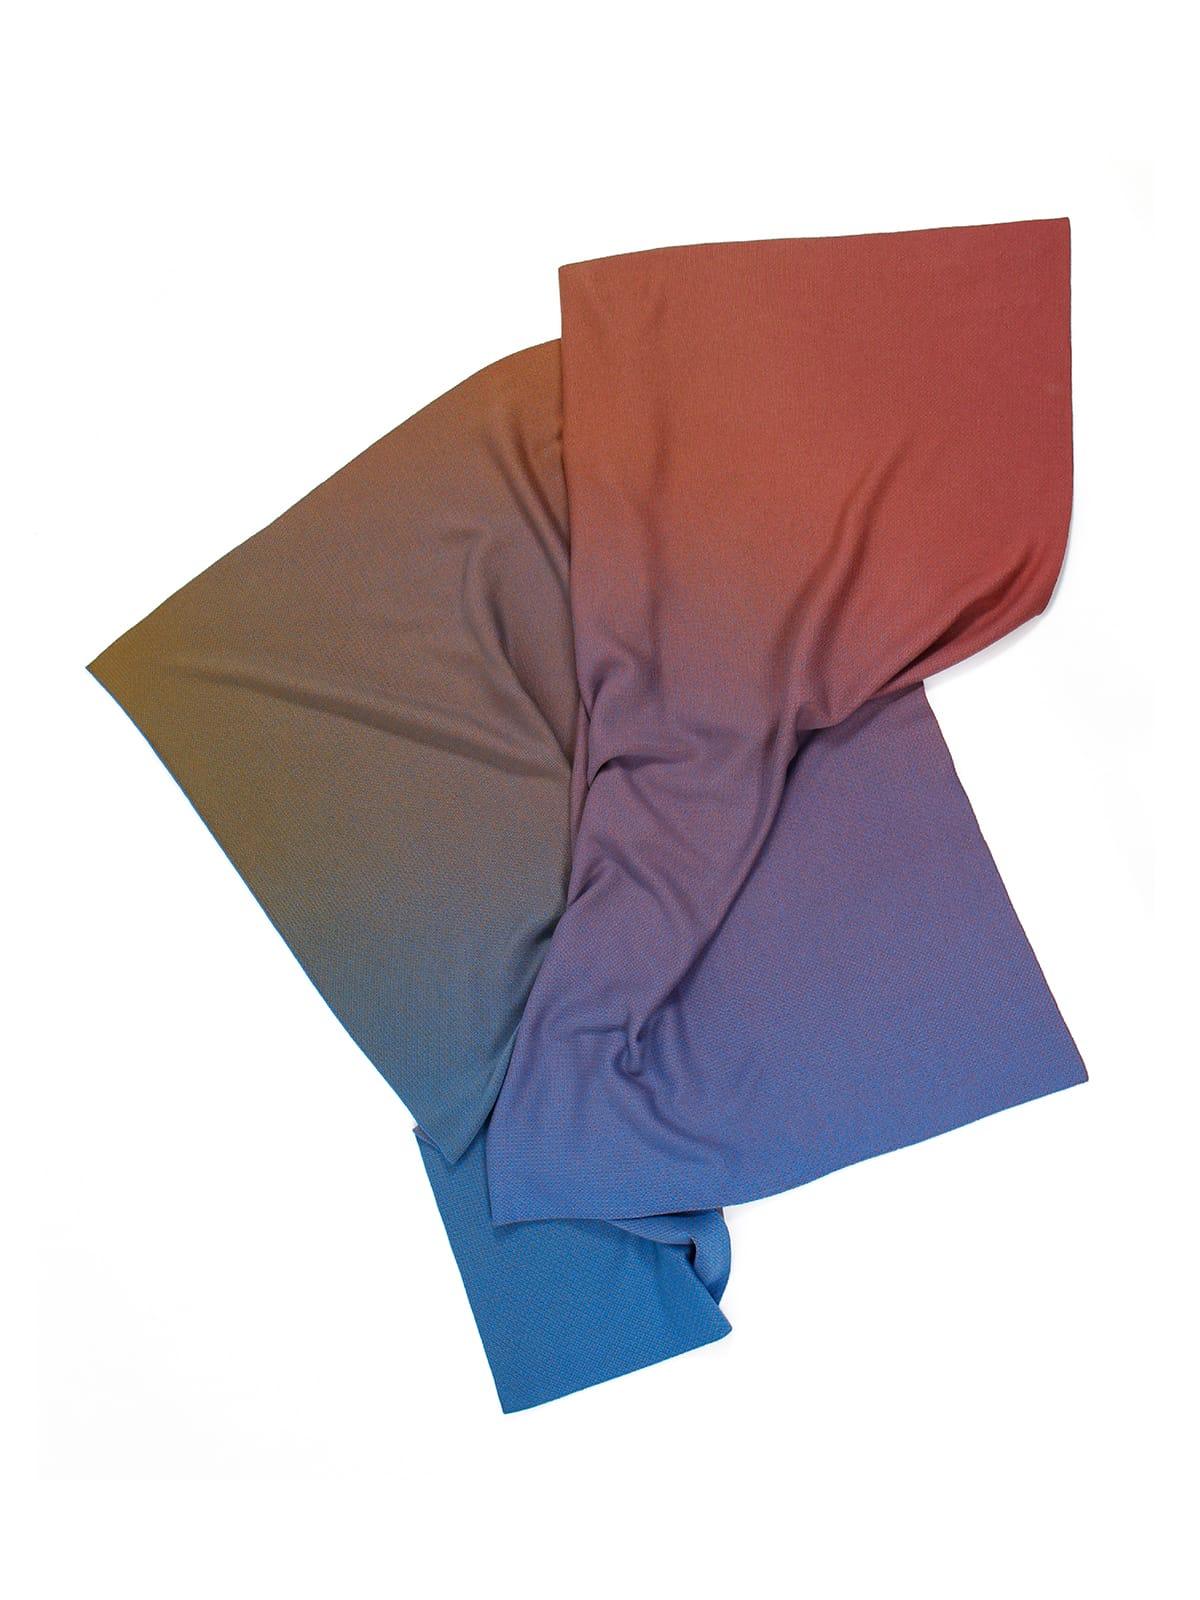 Knitted Blanket Lucca - Merino Wool drapiert